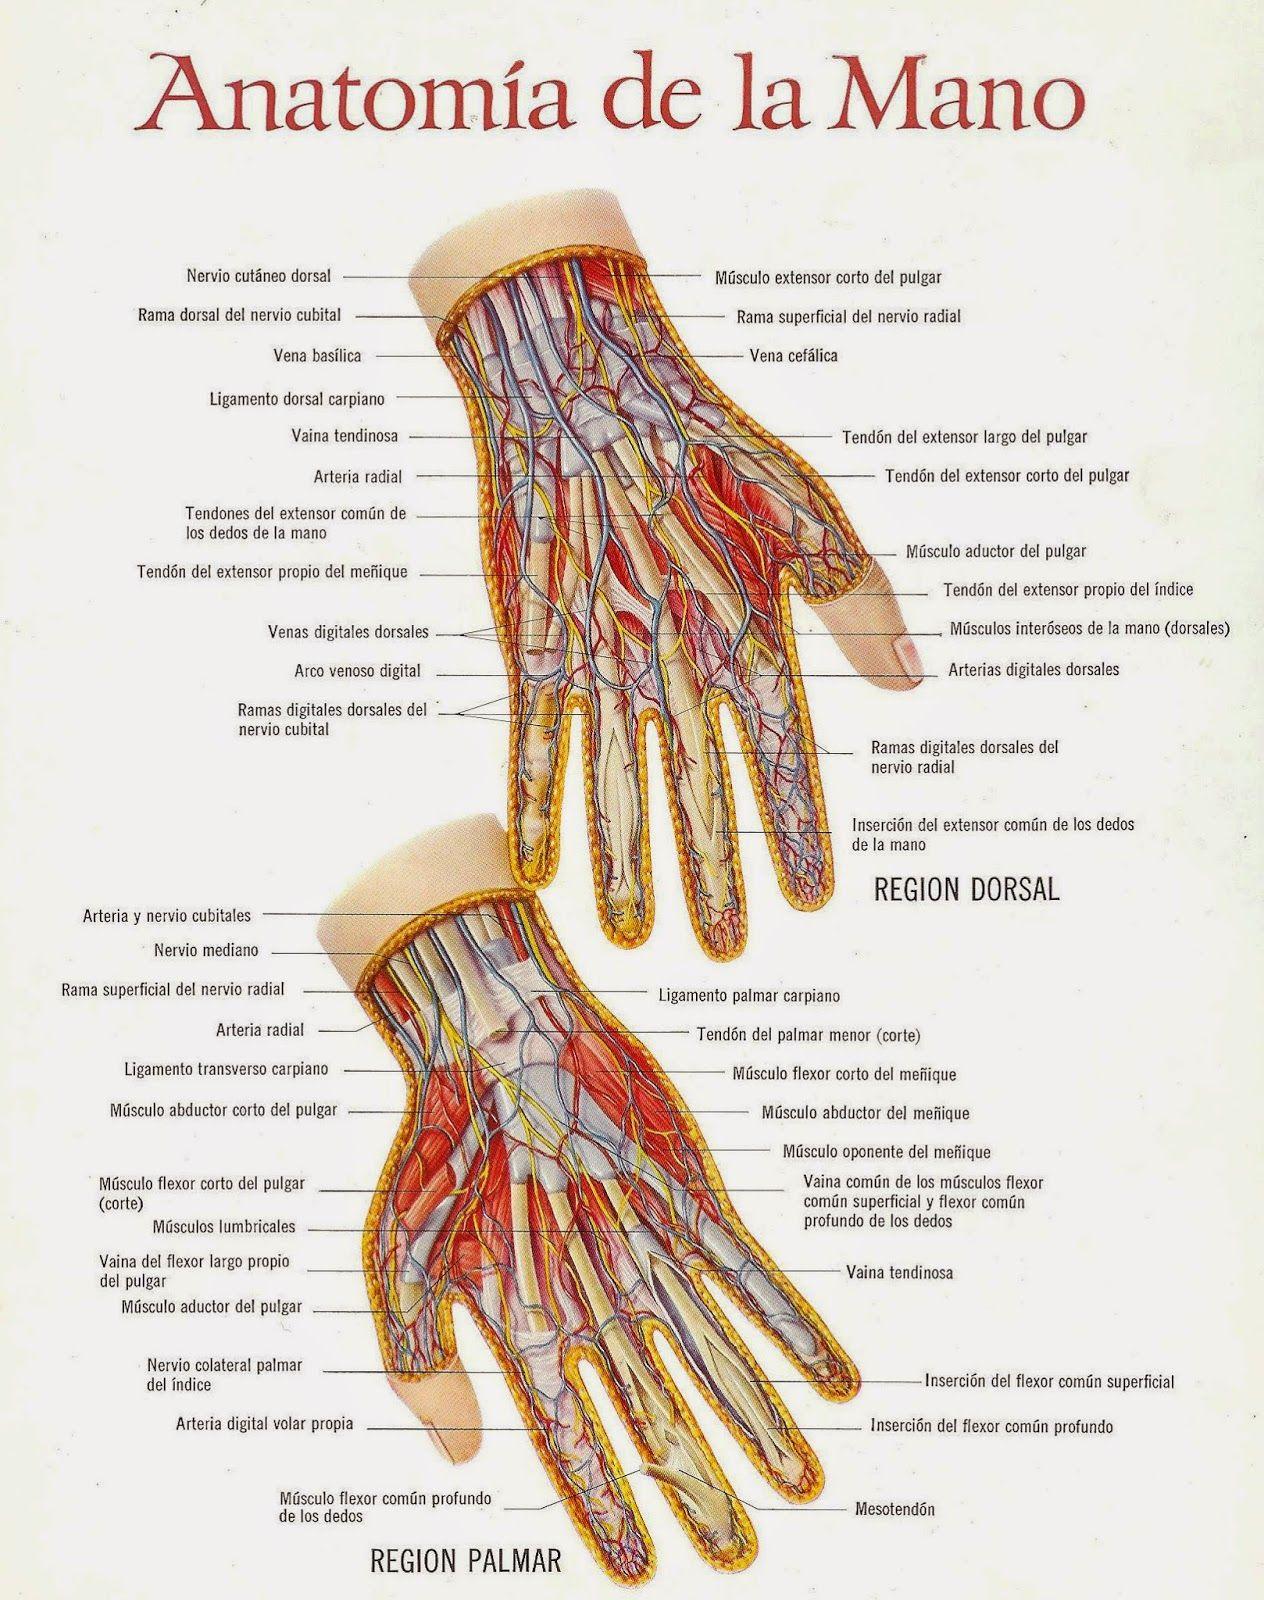 anatomia+de+la+mano+001.jpg | Anatomía miembro superior | Pinterest